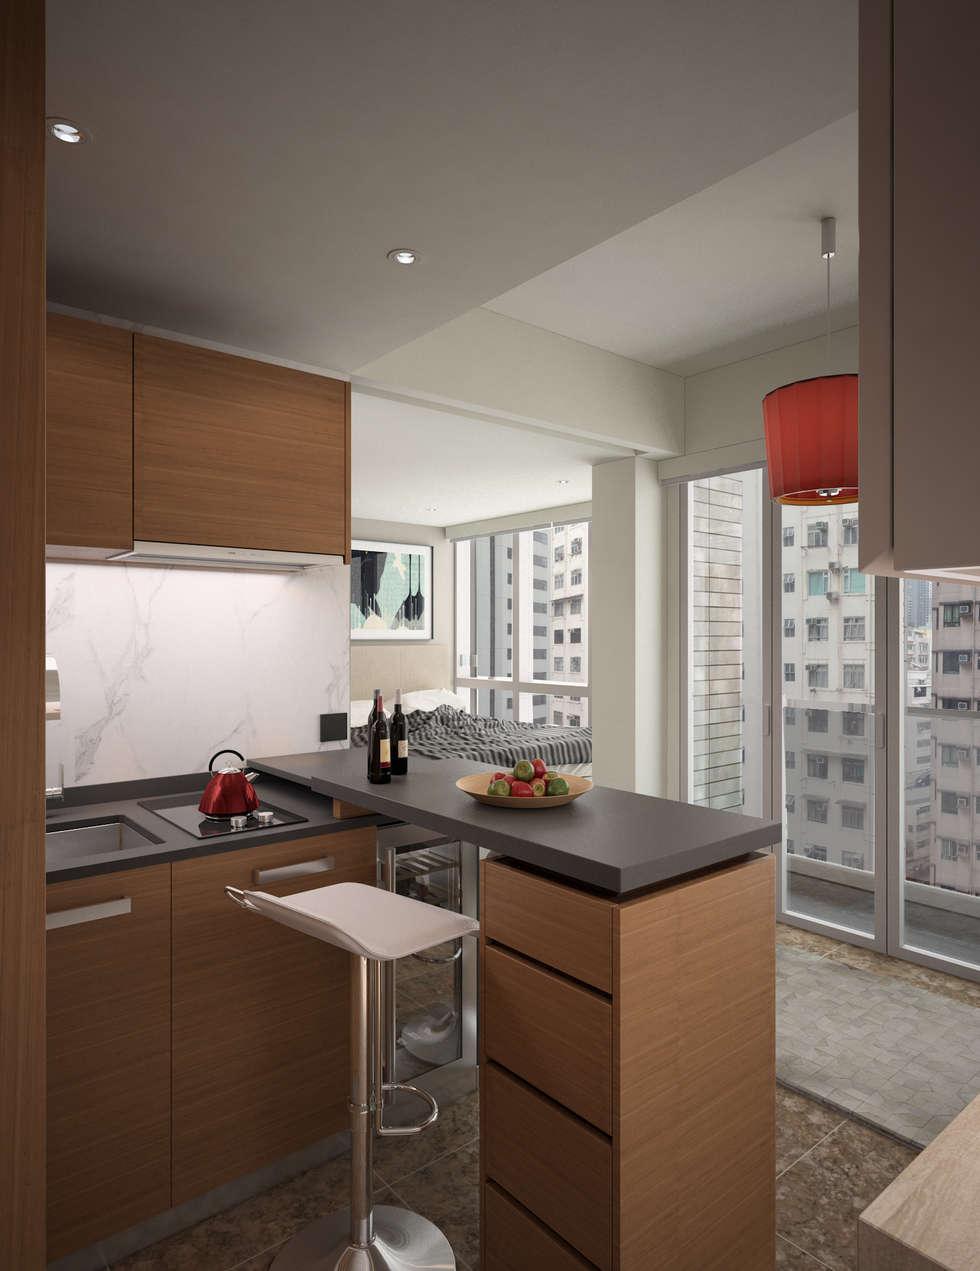 South lane kennedy town hong kong modern kitchen by nelson w design